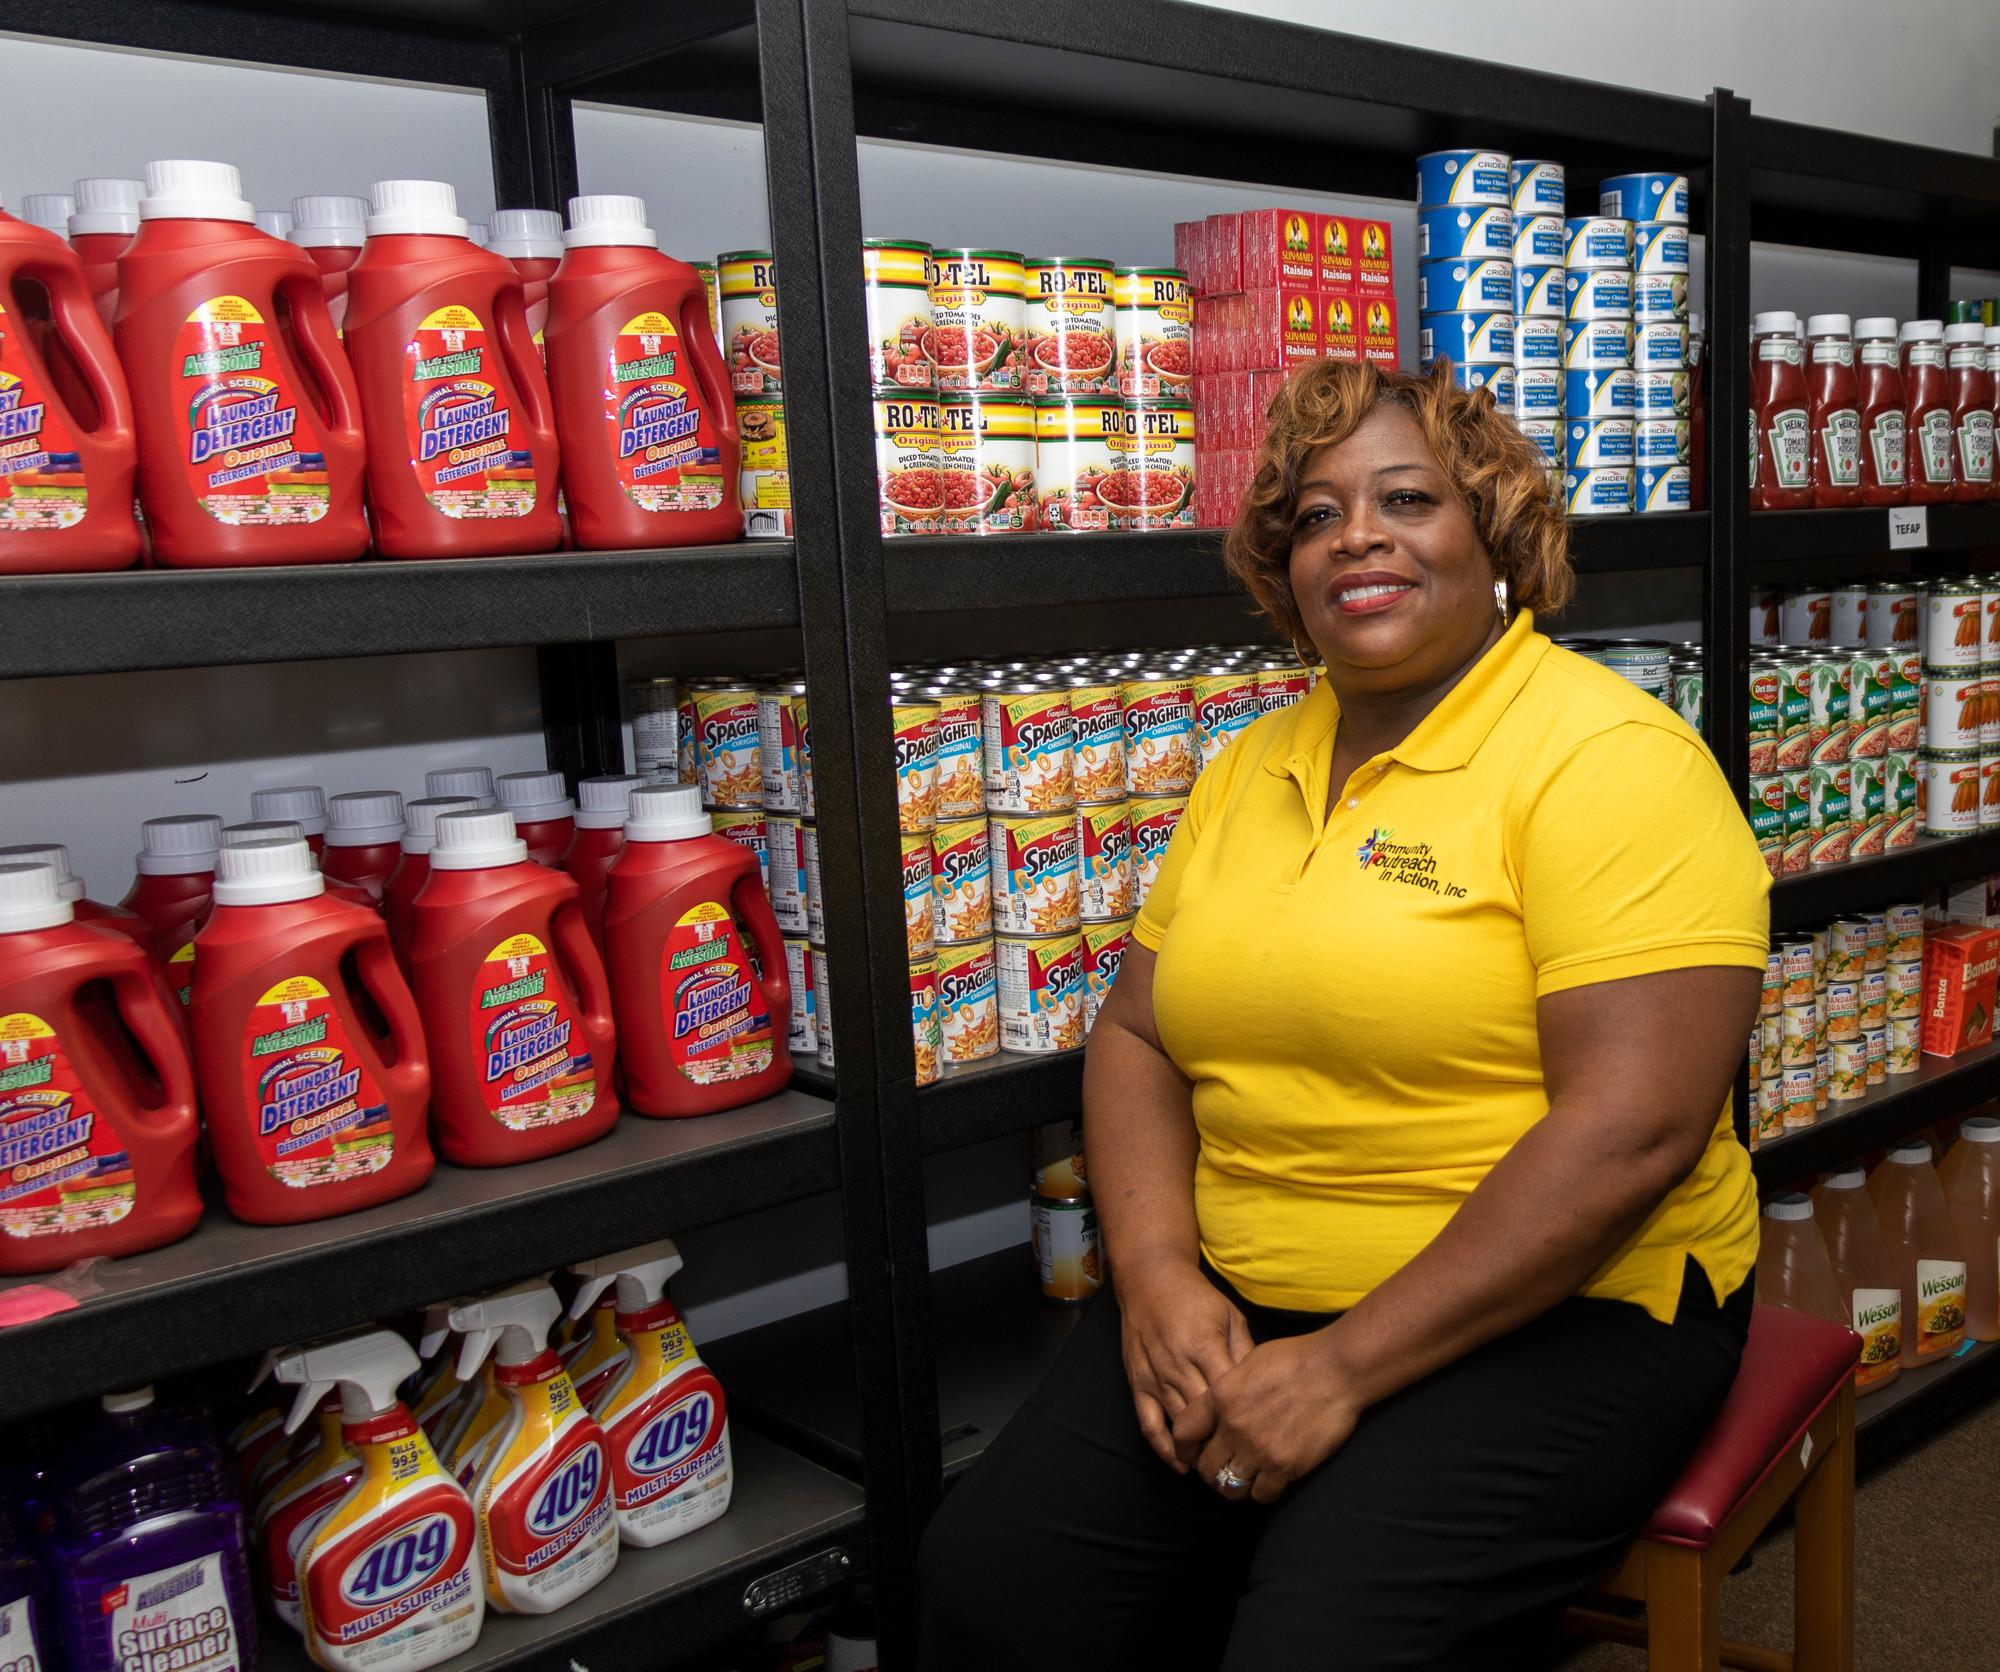 Uma gerente de um banco de alimentos está sentada em frente a prateleiras repletas de alimentos.